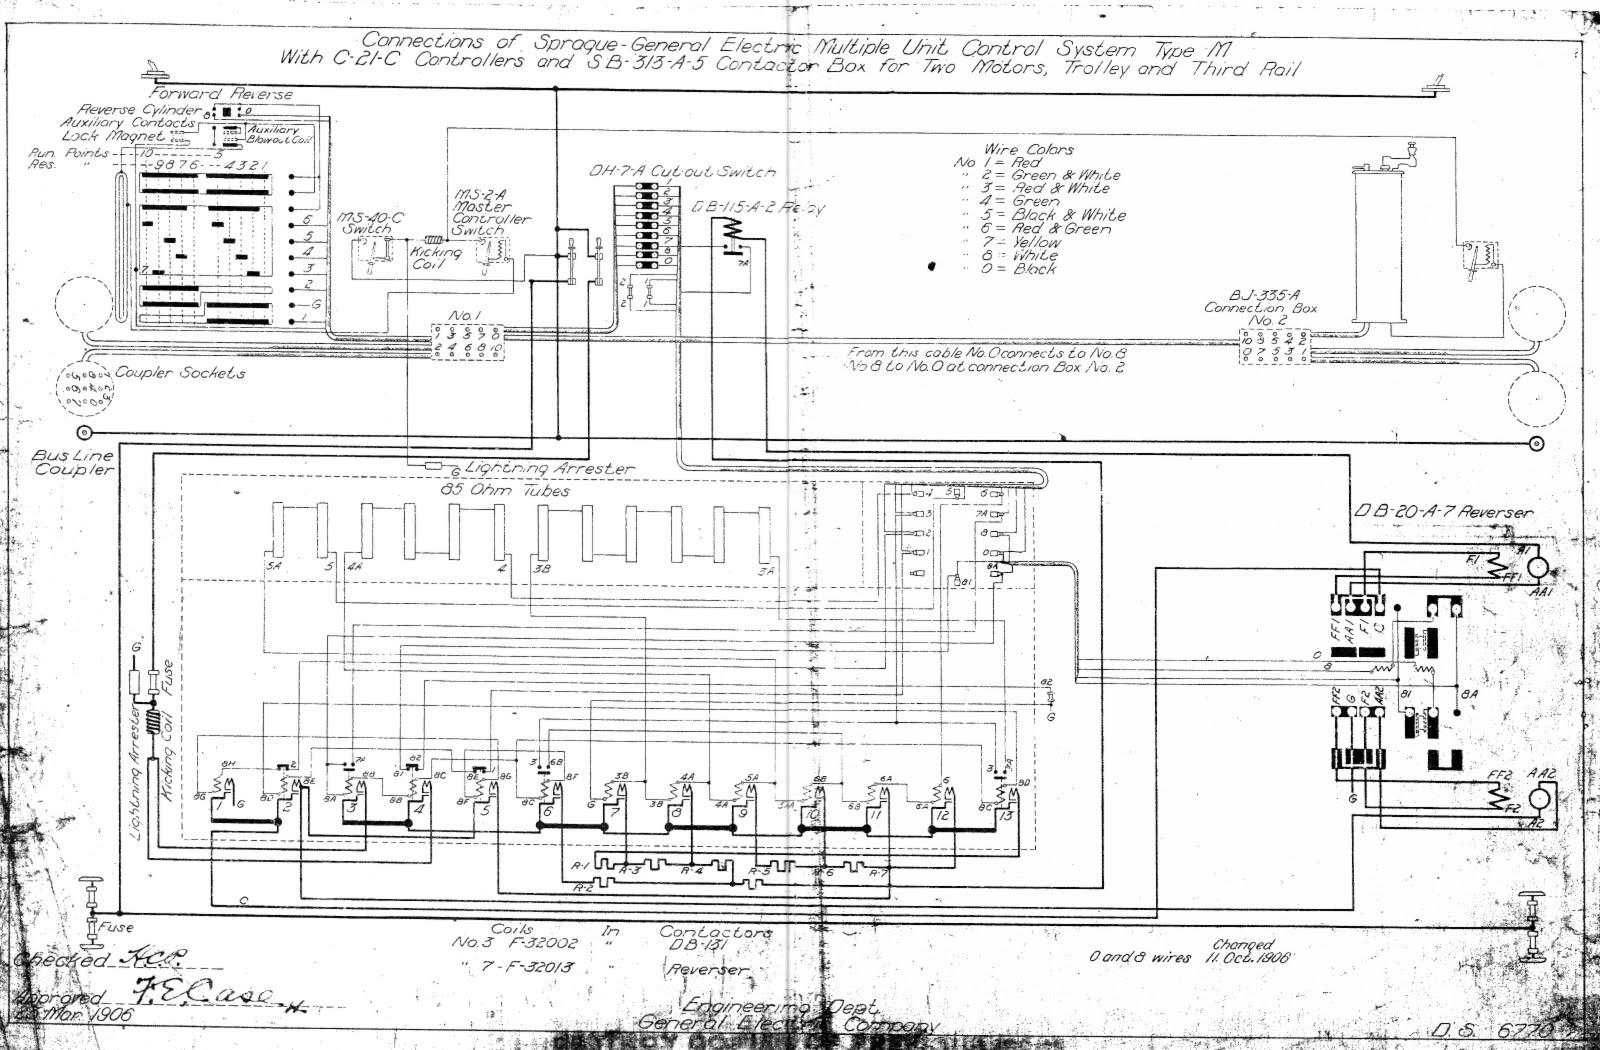 2000 gmc dash wiring schematics electrical wiring diagrams 2003 chevy trailblazer wiring schematic 2003 gmc sierra [ 1600 x 1050 Pixel ]